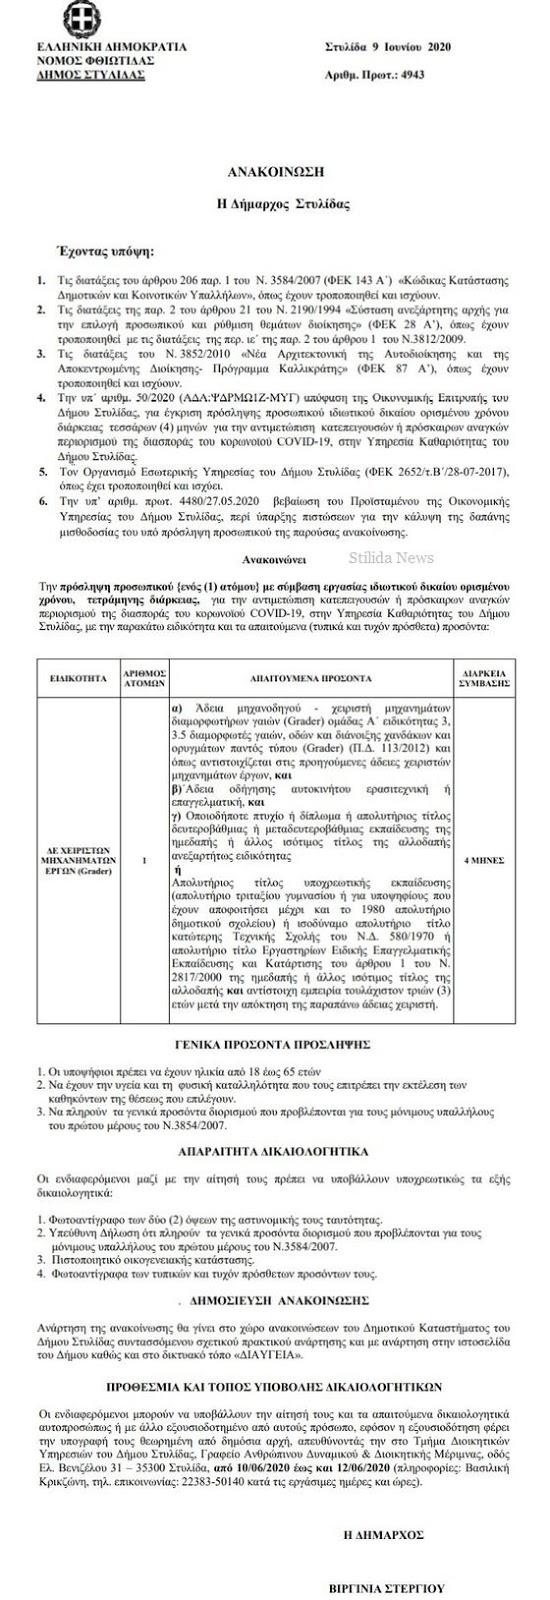 Δήμος Στυλίδας: Ανακοίνωση πρόσληψης χειριστή μηχανημάτων